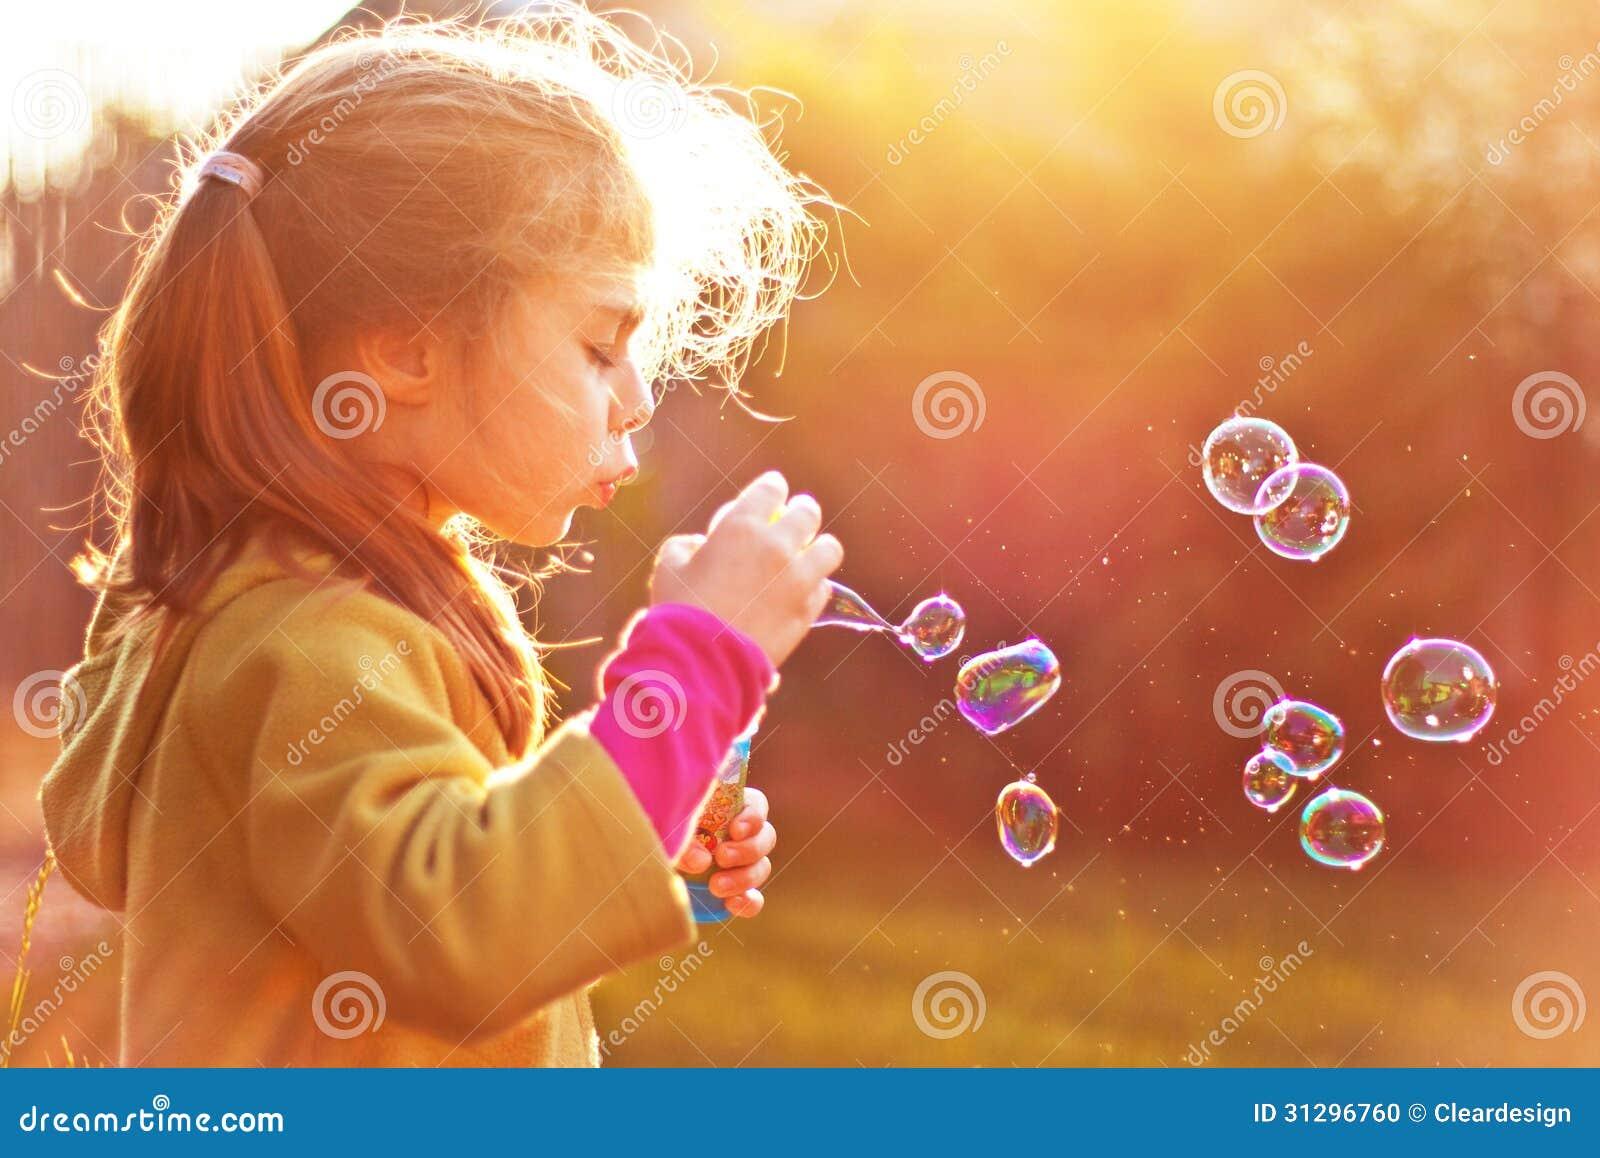 Dziecko dziewczyna dmucha mydlanych bąble plenerowych